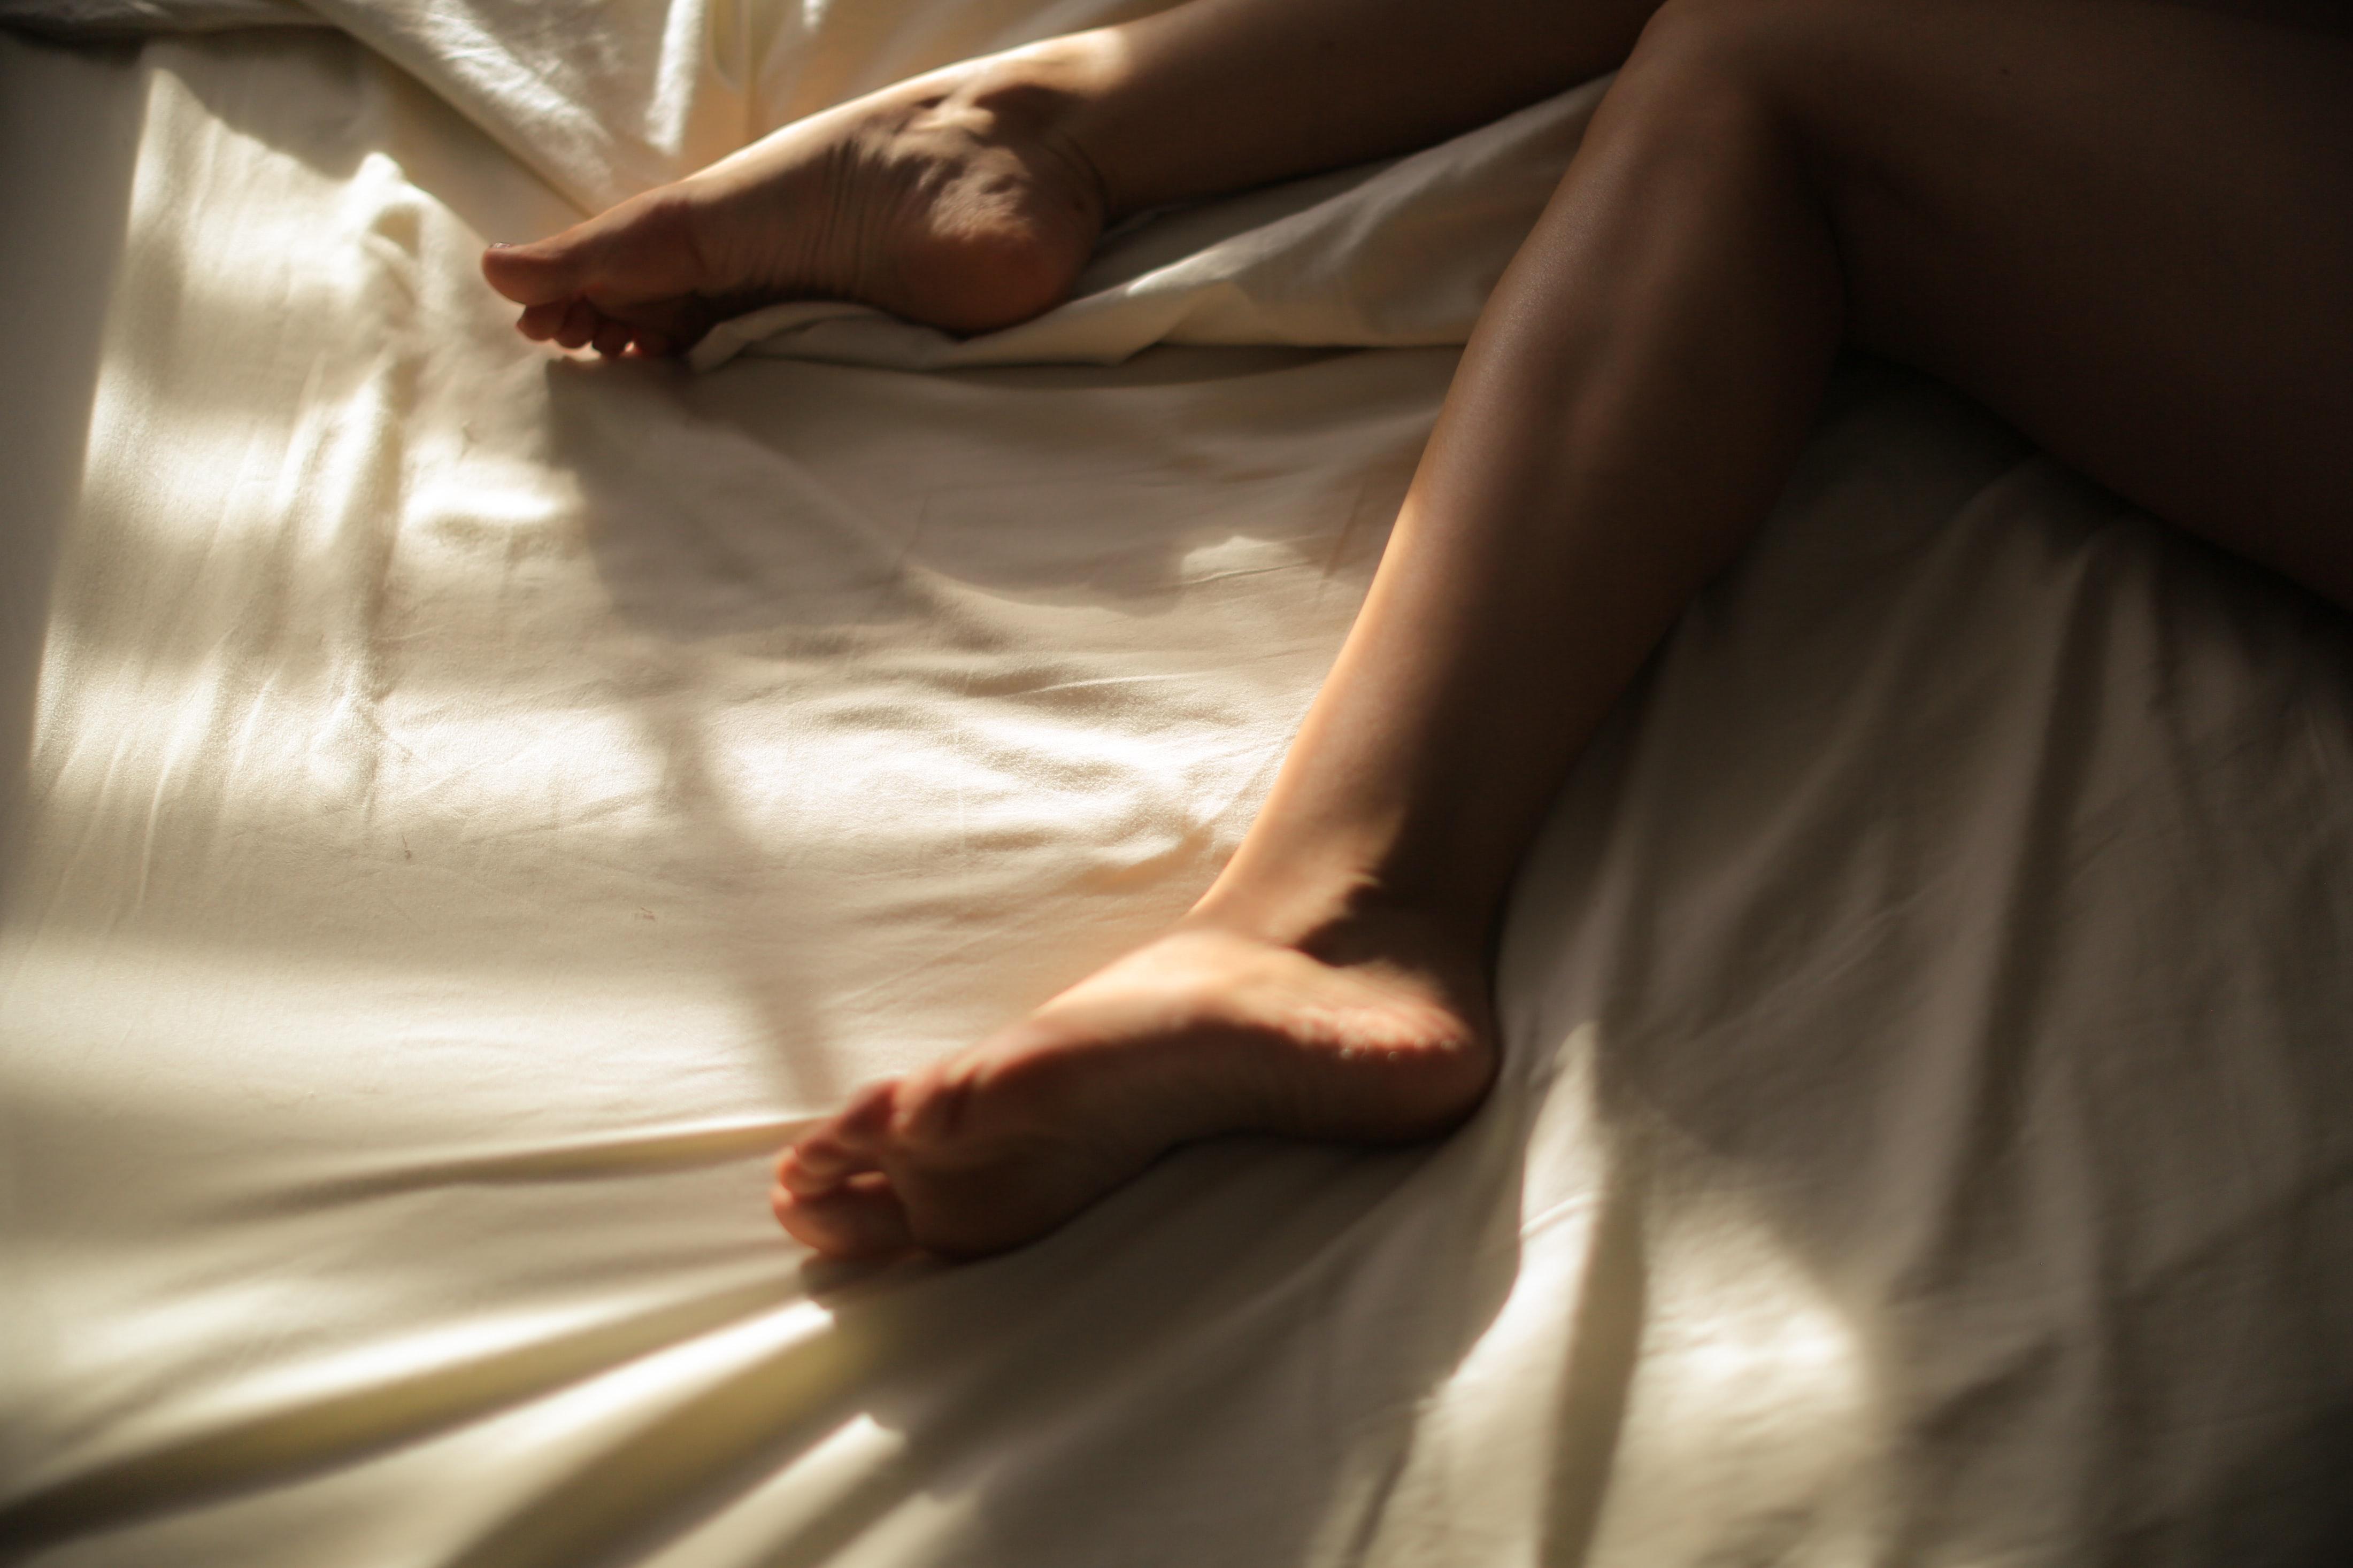 Arsyet pse njerëzit bëjnë seks, po ju tek cila prej tyre e gjeni veten